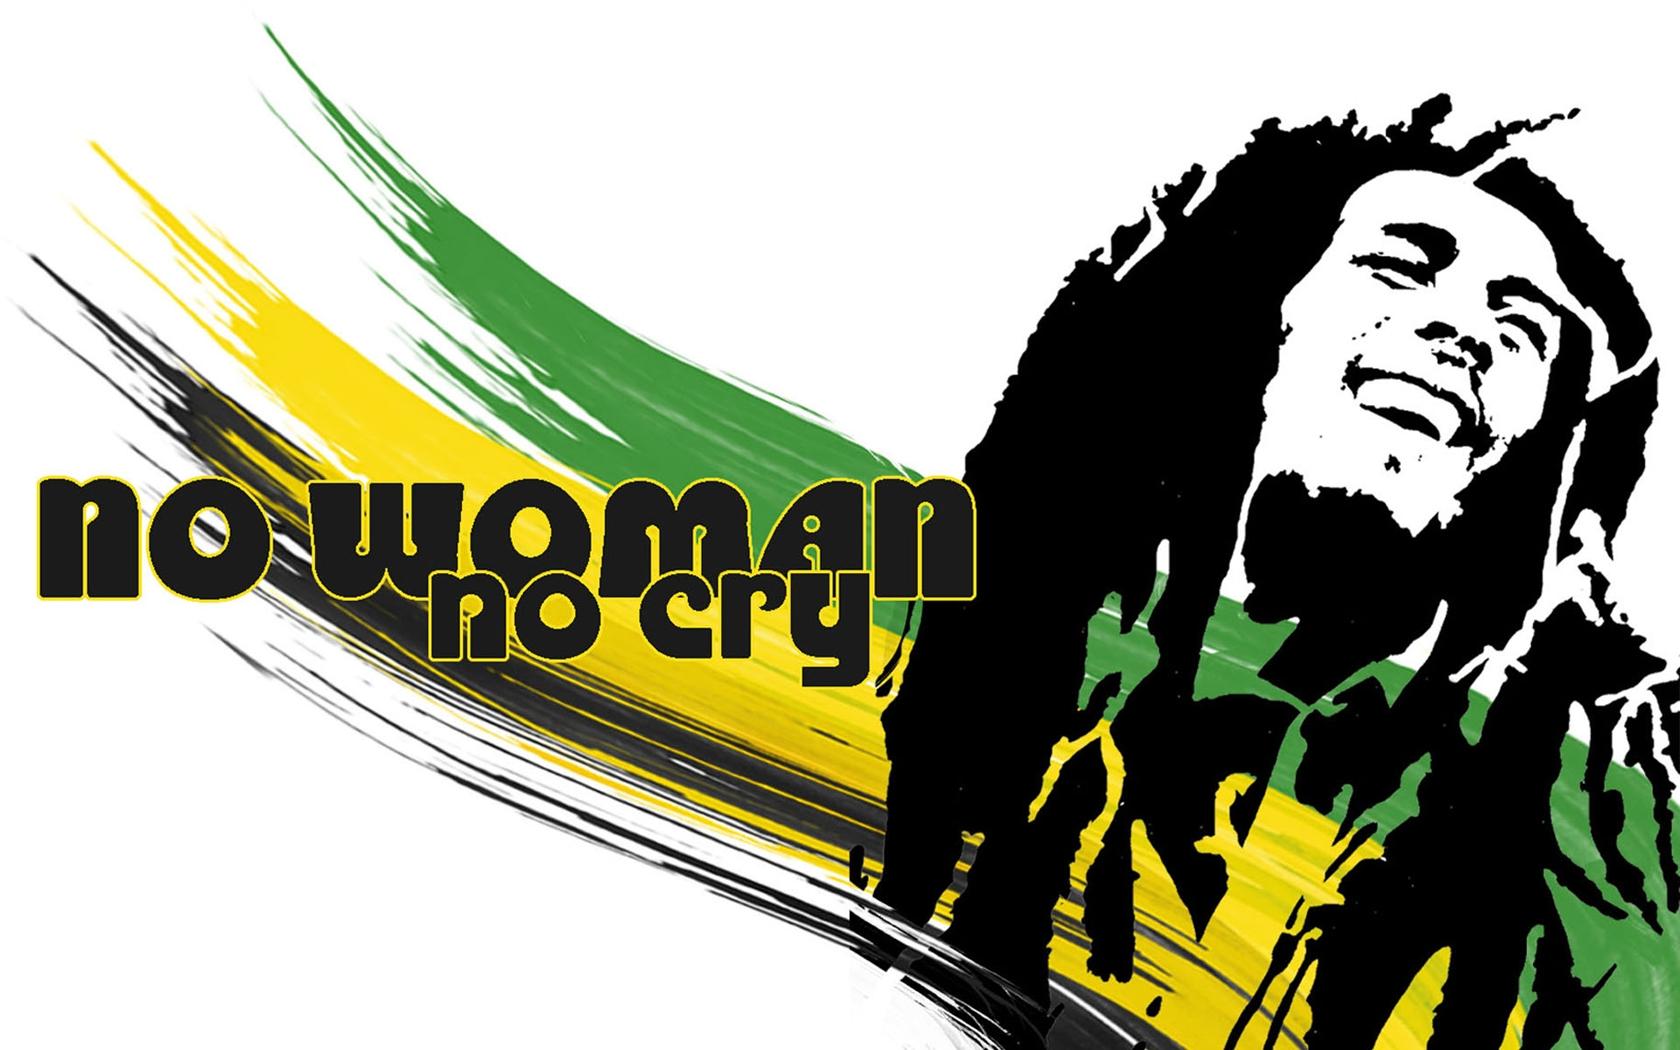 Bob marley clipart hd image royalty free stock Free Bob Marley Cliparts, Download Free Clip Art, Free Clip Art on ... image royalty free stock